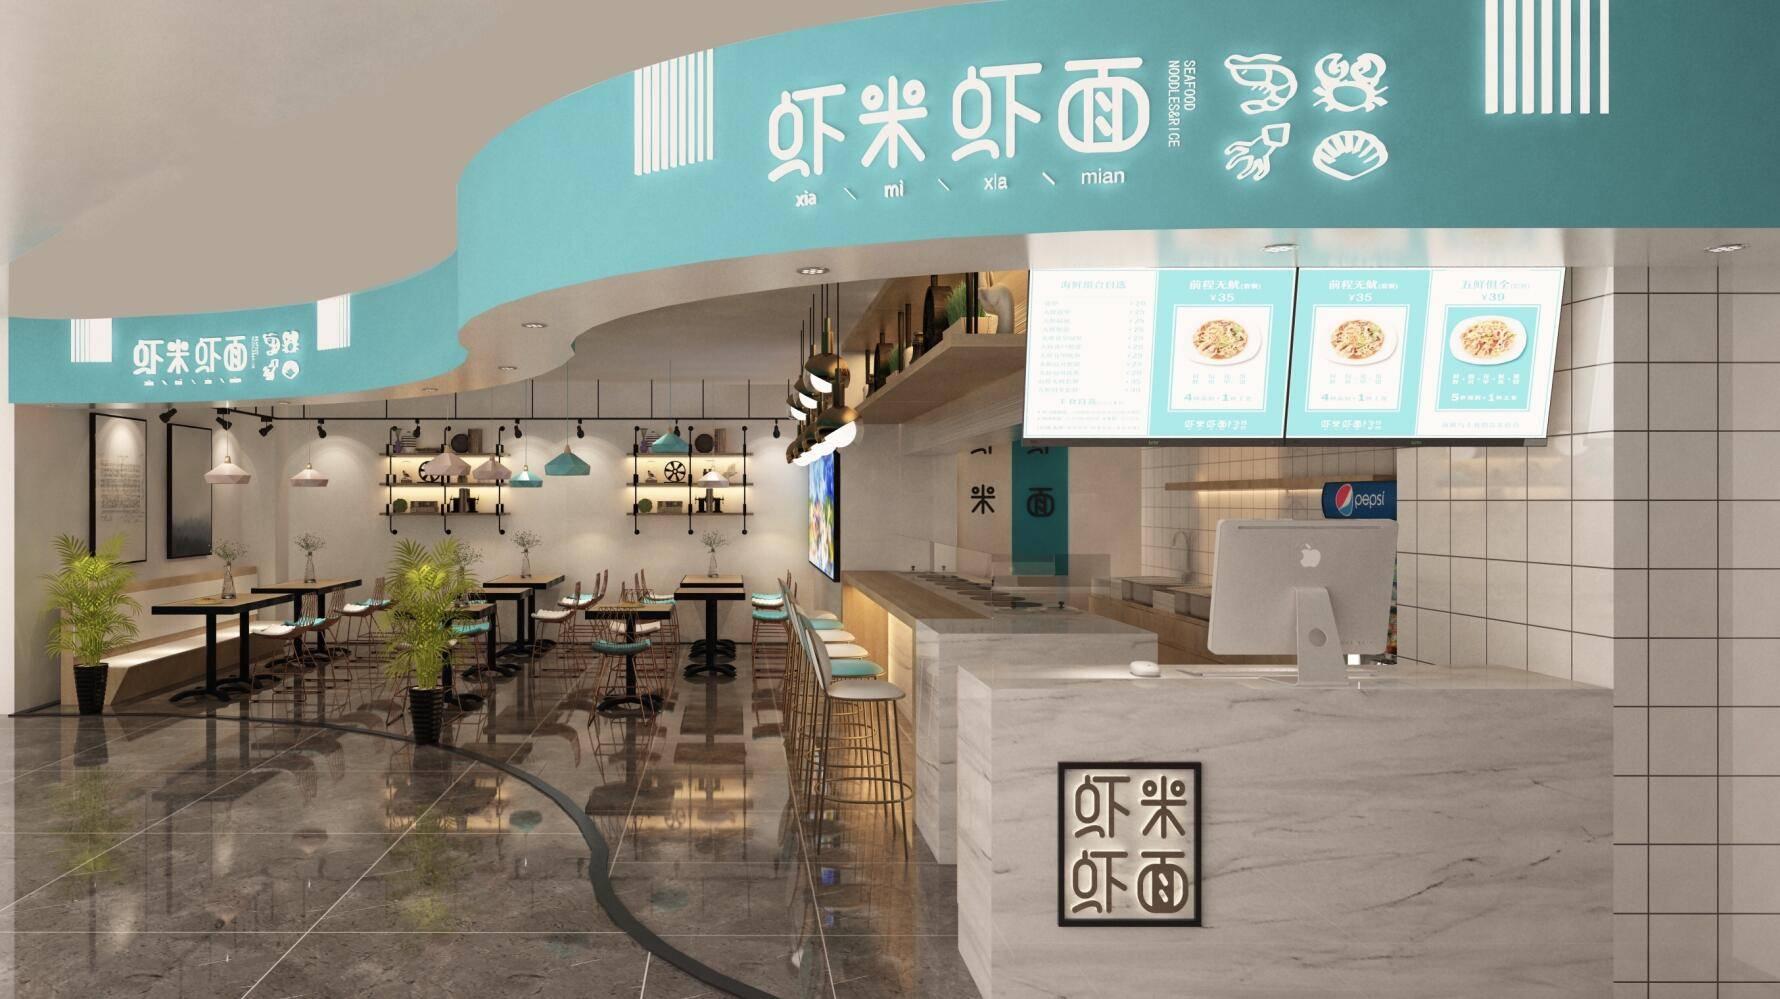 虾米虾面宁波吾悦广场的海鲜焖面店实拍图